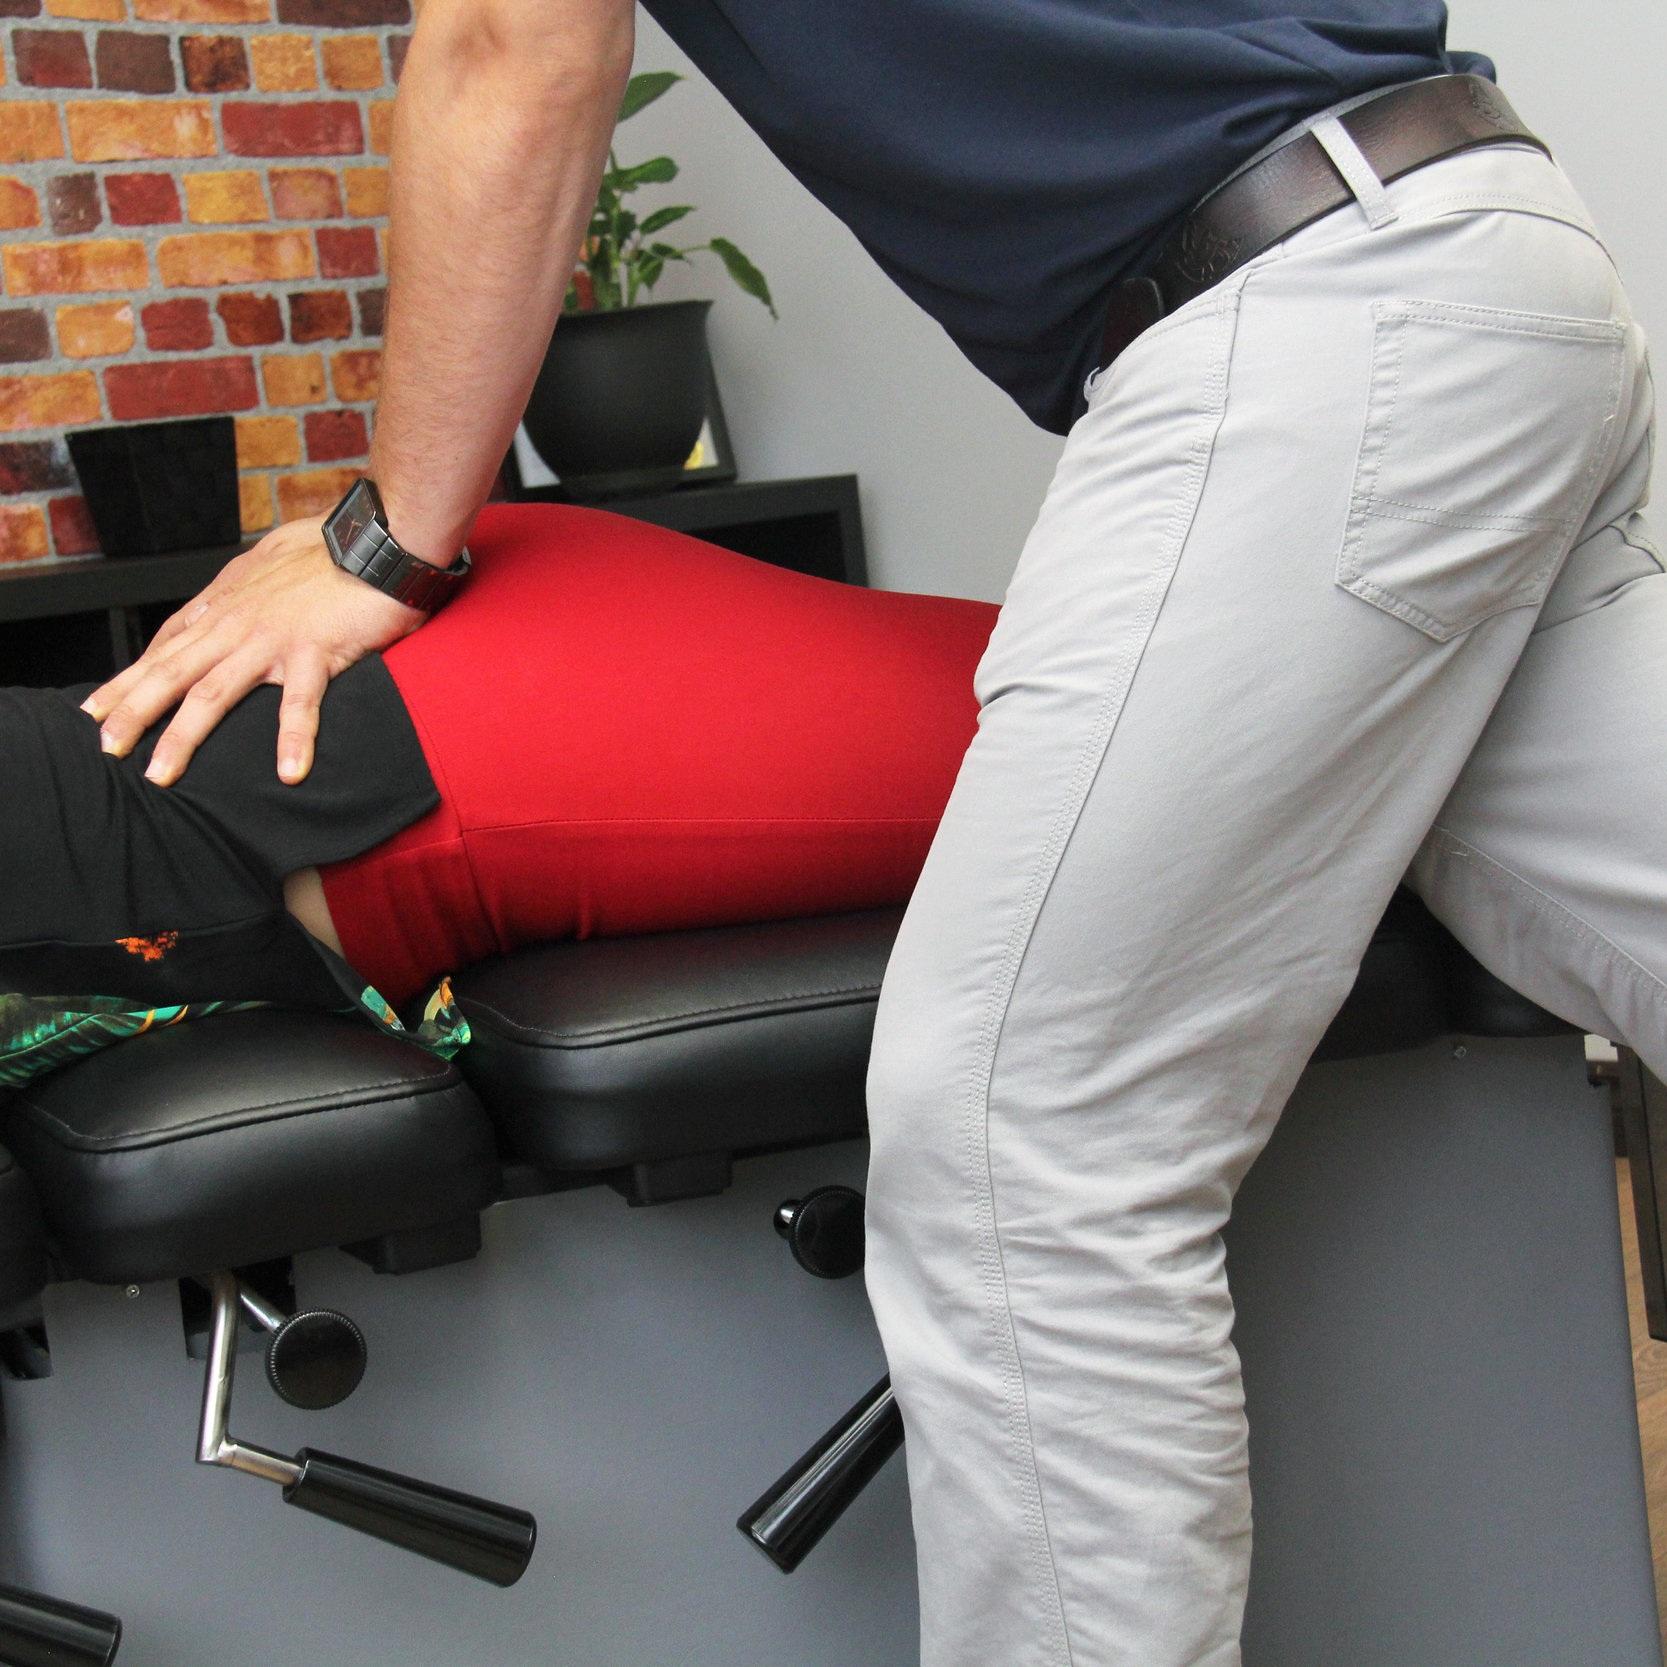 Manipulations articulaires   Vos chiropraticiens sont formés pour effectuer efficacement et de façon sécuritaire des manipulations articulaires, avec ou sans cavitation. Plusieurs techniques sont disponibles, nous trouverons la bonne pour vous.